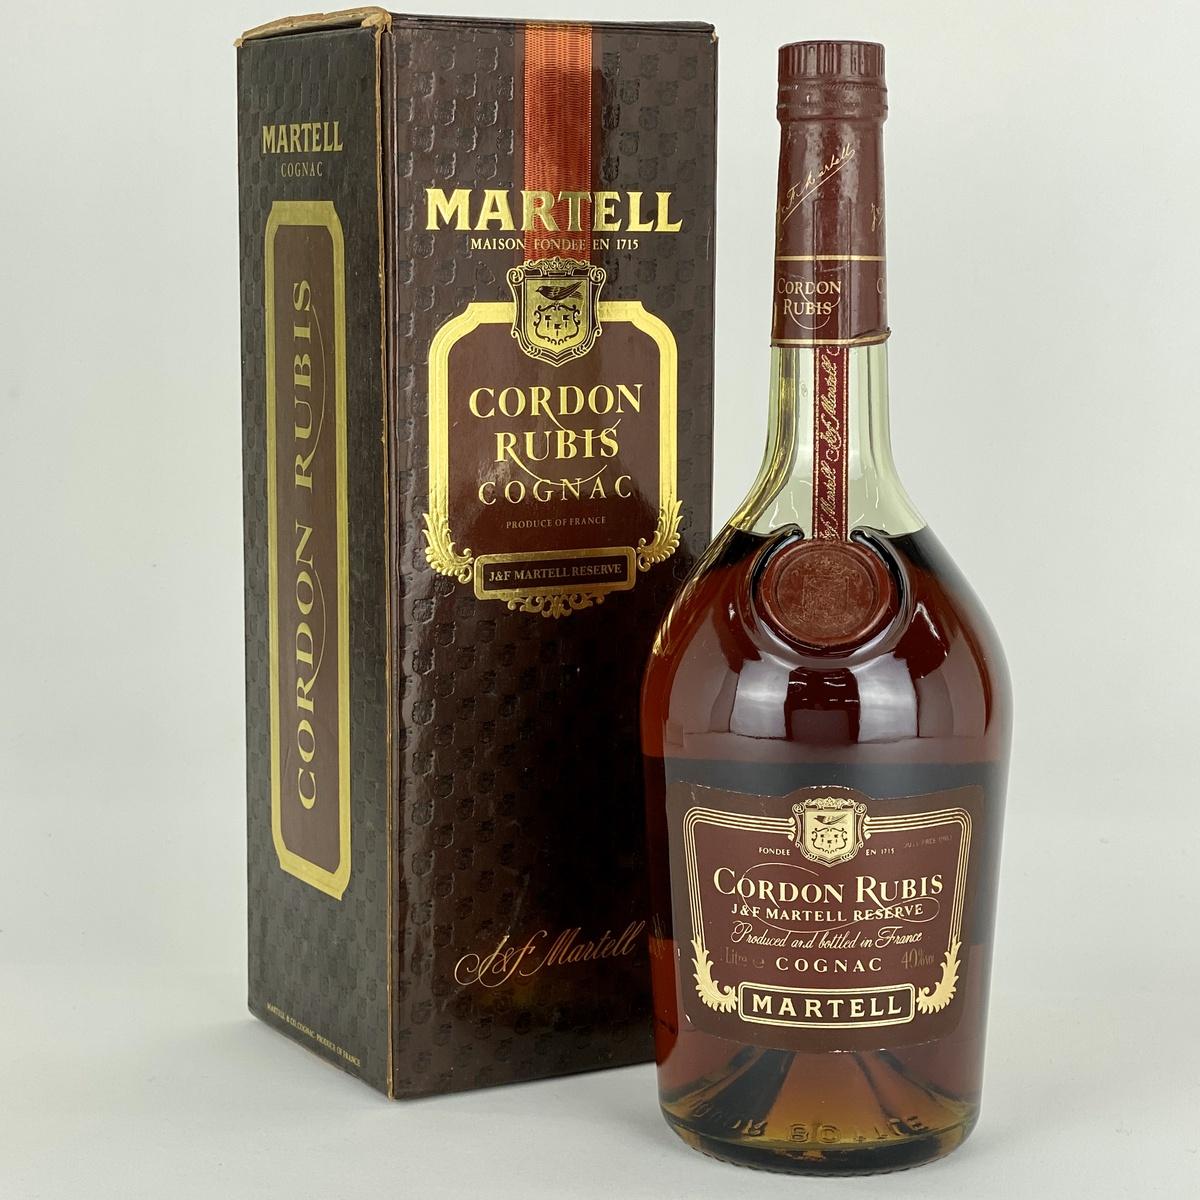 マーテル MARTELL コルドンルビー 1000ml ブランデー コニャック 【古酒】